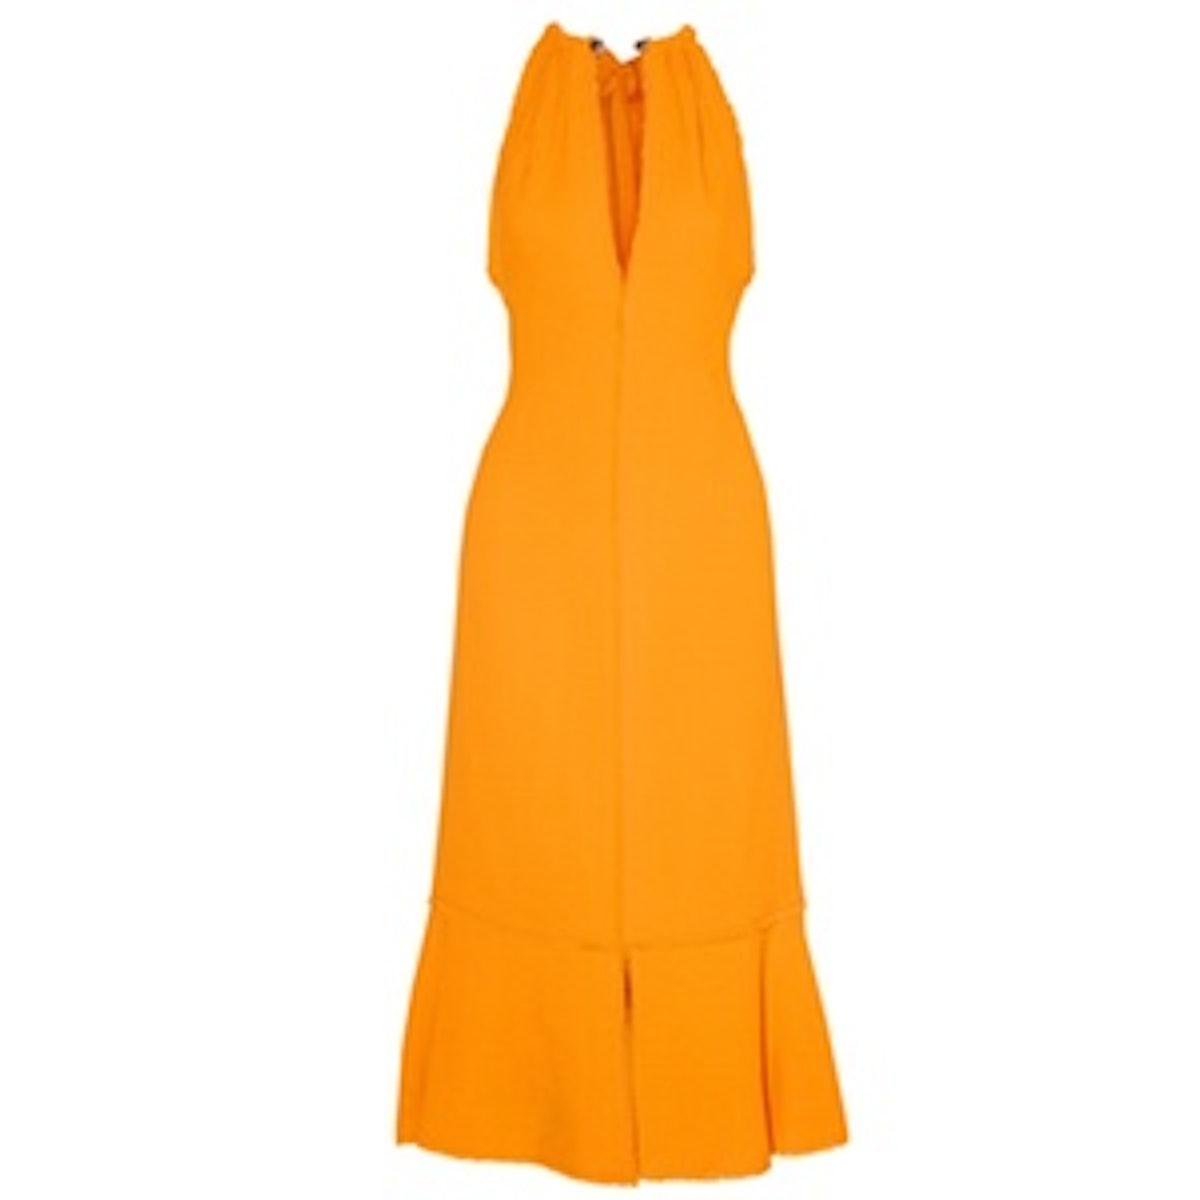 Fluted Crepe Midi Dress